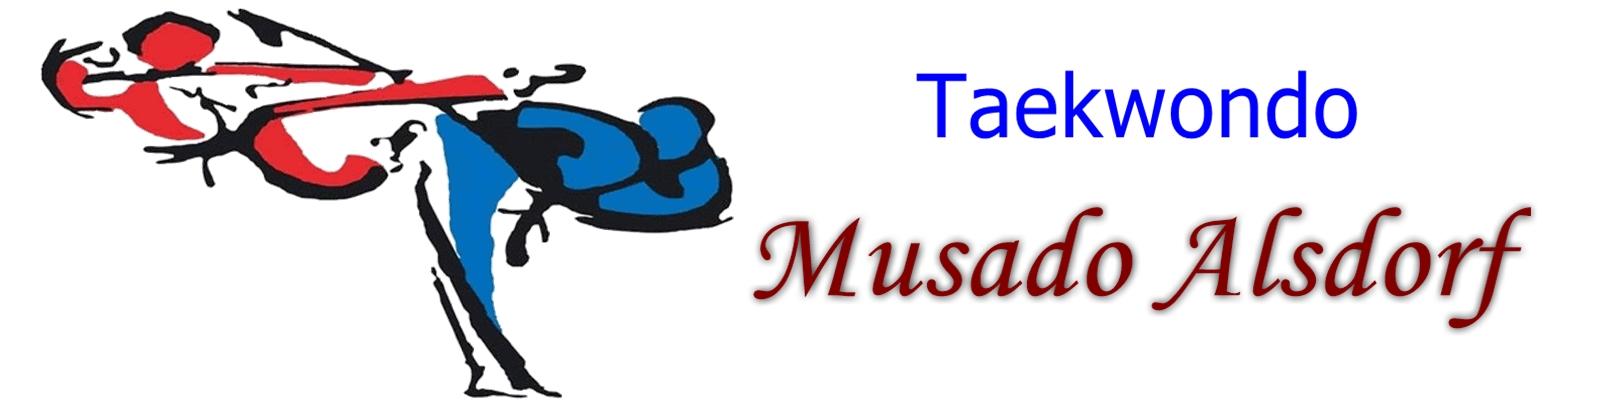 Musado-Alsdorf